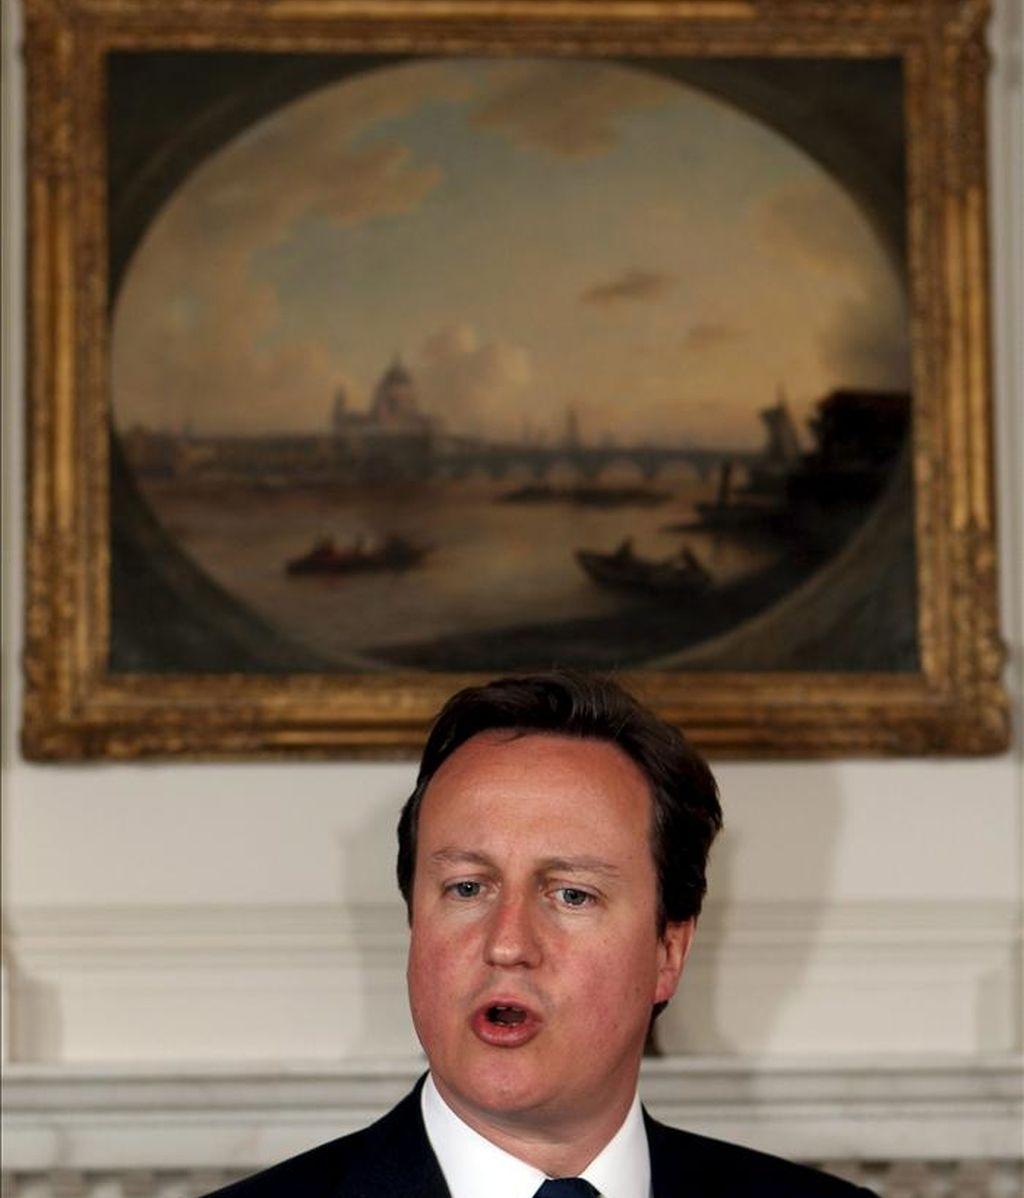 El primer ministro británico David Cameron. EFE/Archivo